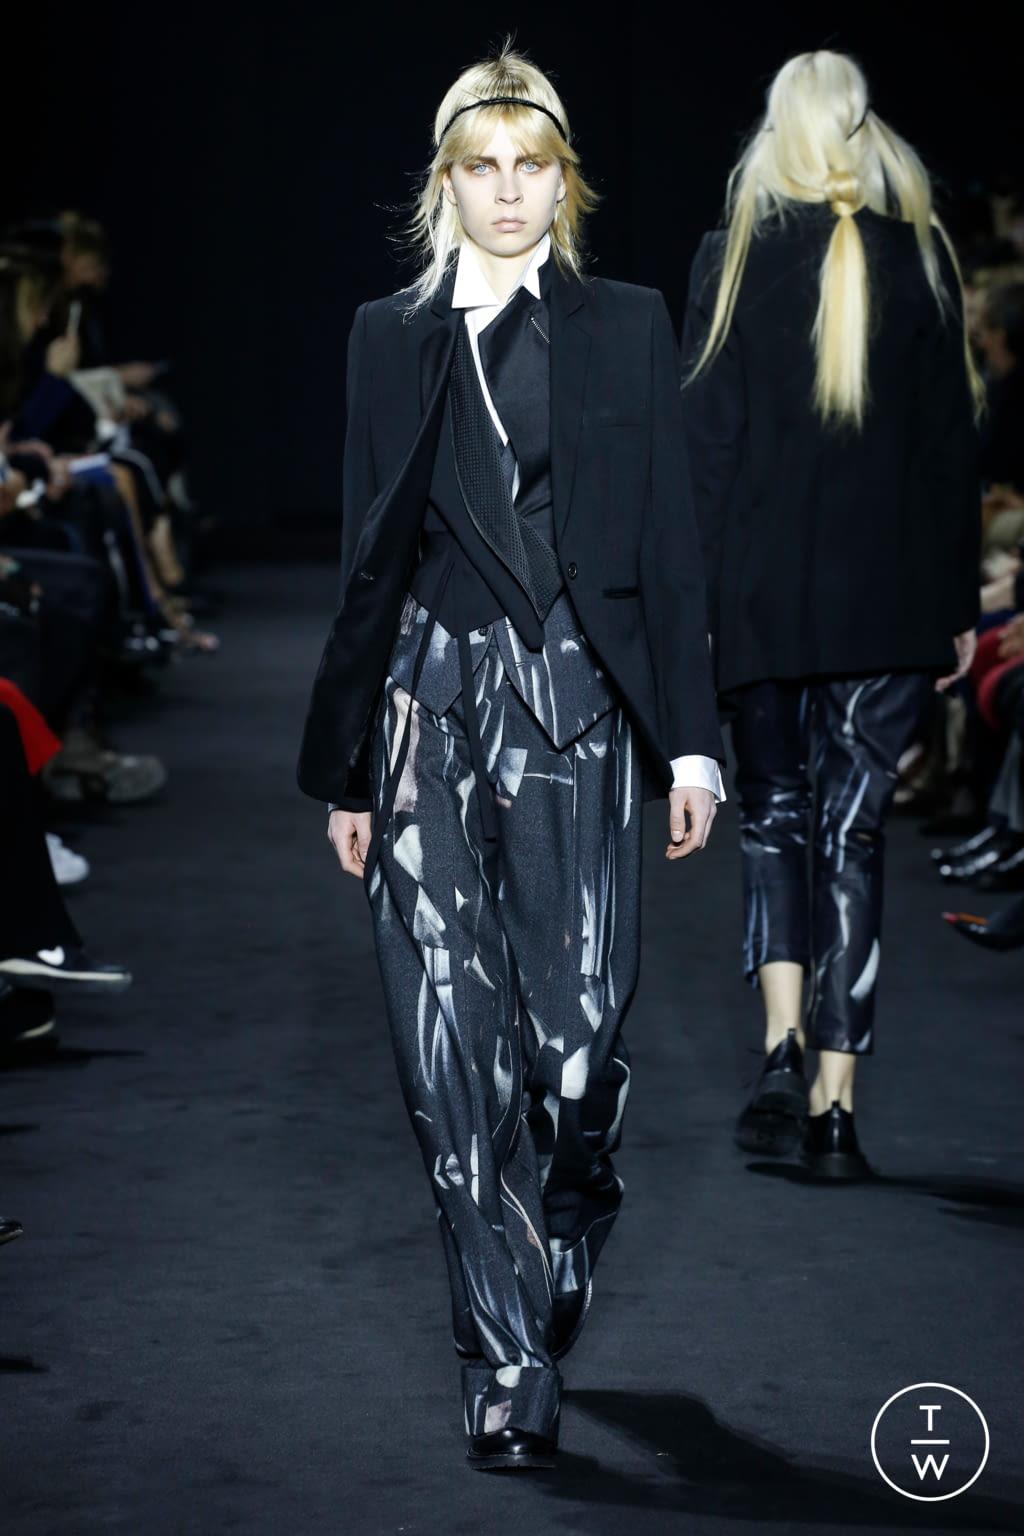 Fashion Week Paris Fall/Winter 2016 look 11 de la collection Ann Demeulemeester womenswear